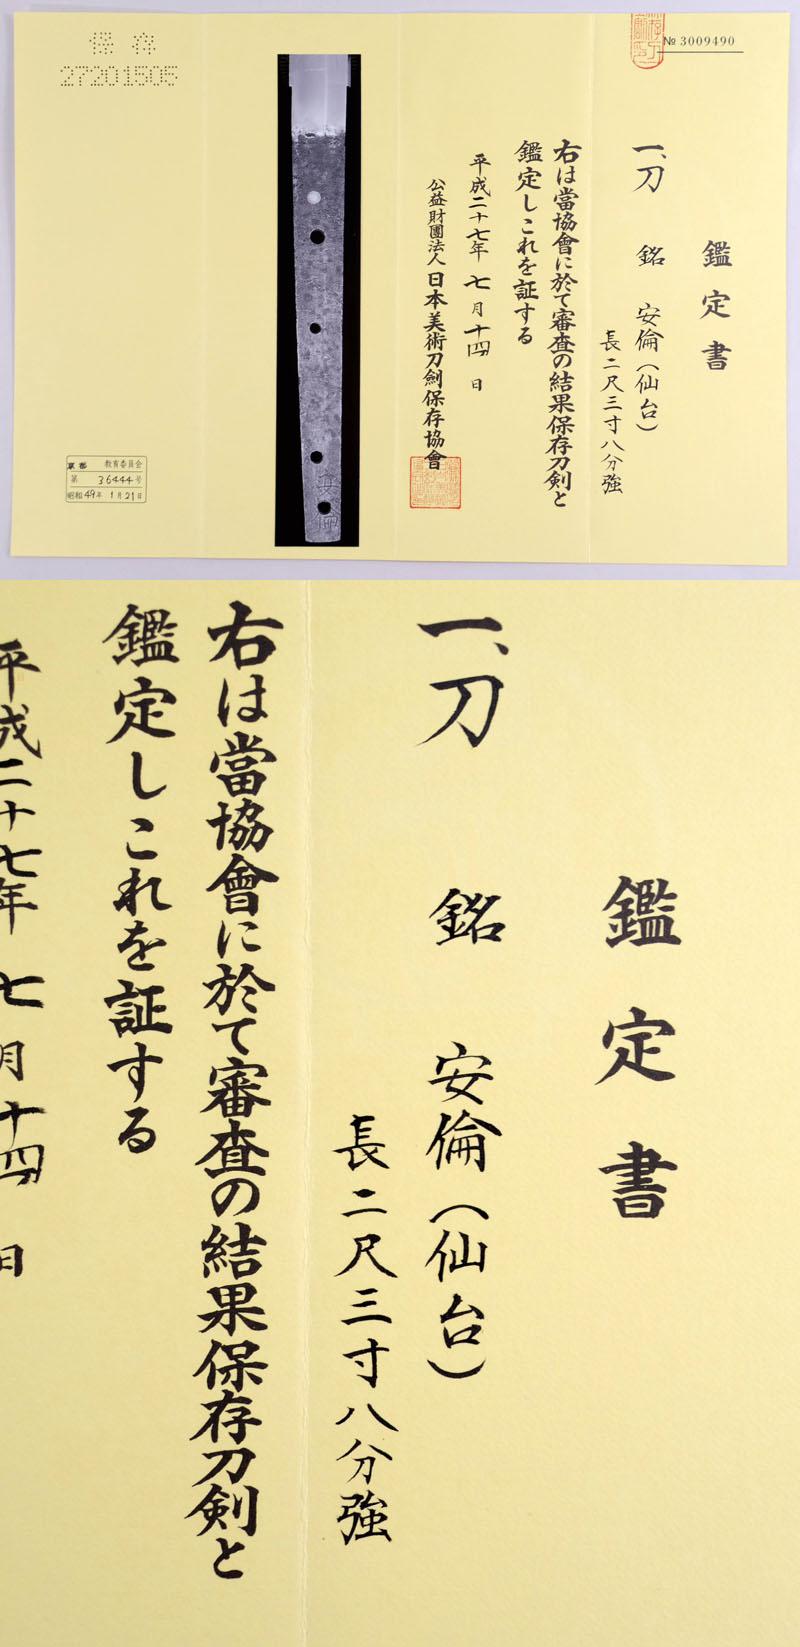 安倫(仙台) Picture of Certificate